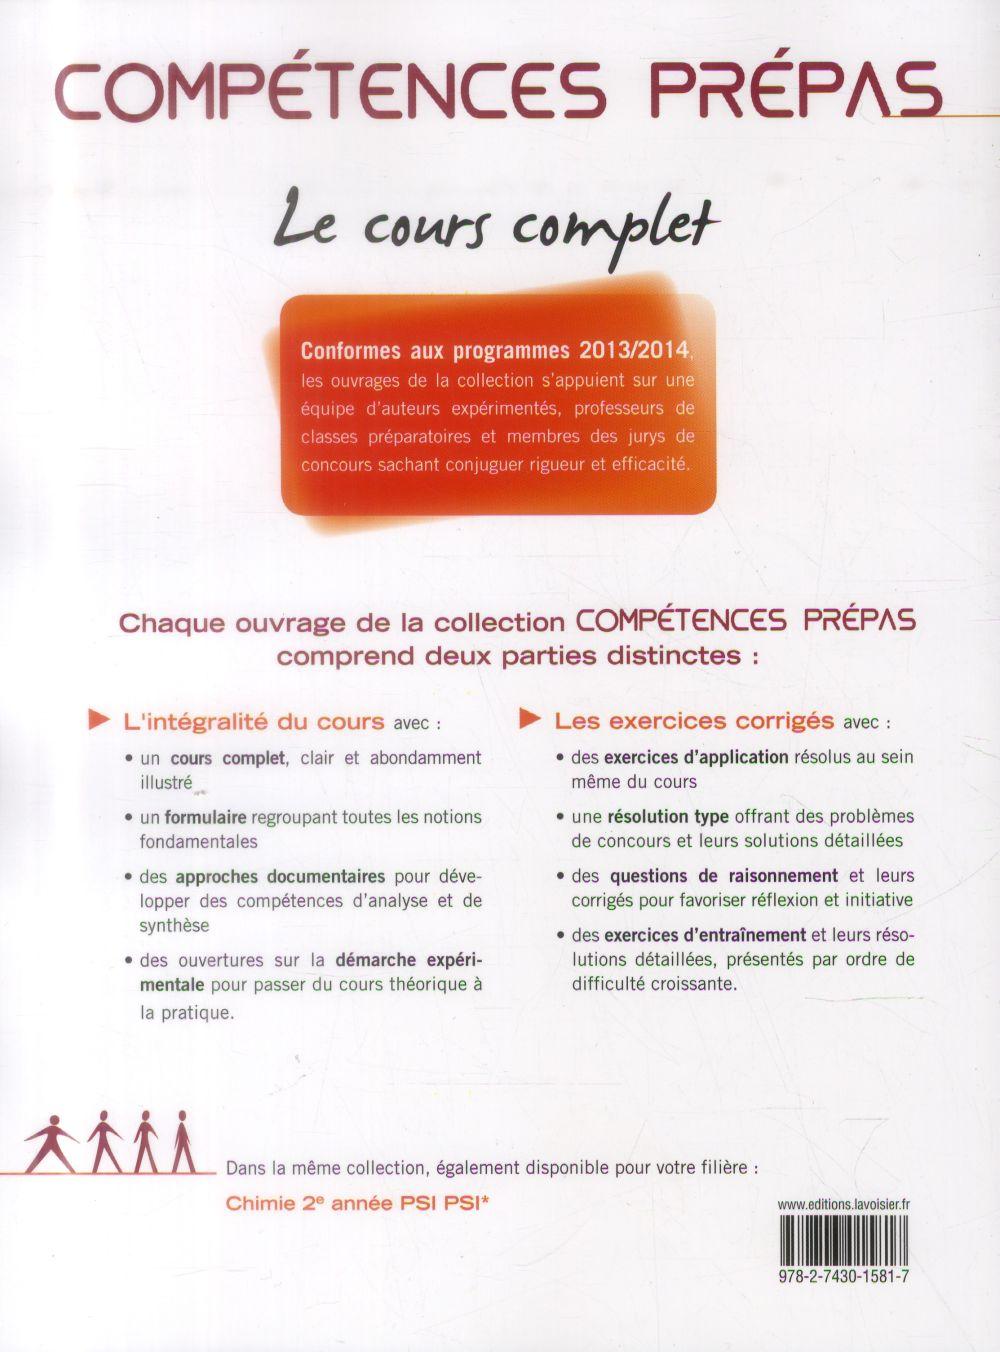 COMPETENCES PREPAS ; physique ; 2e année PSI PSI